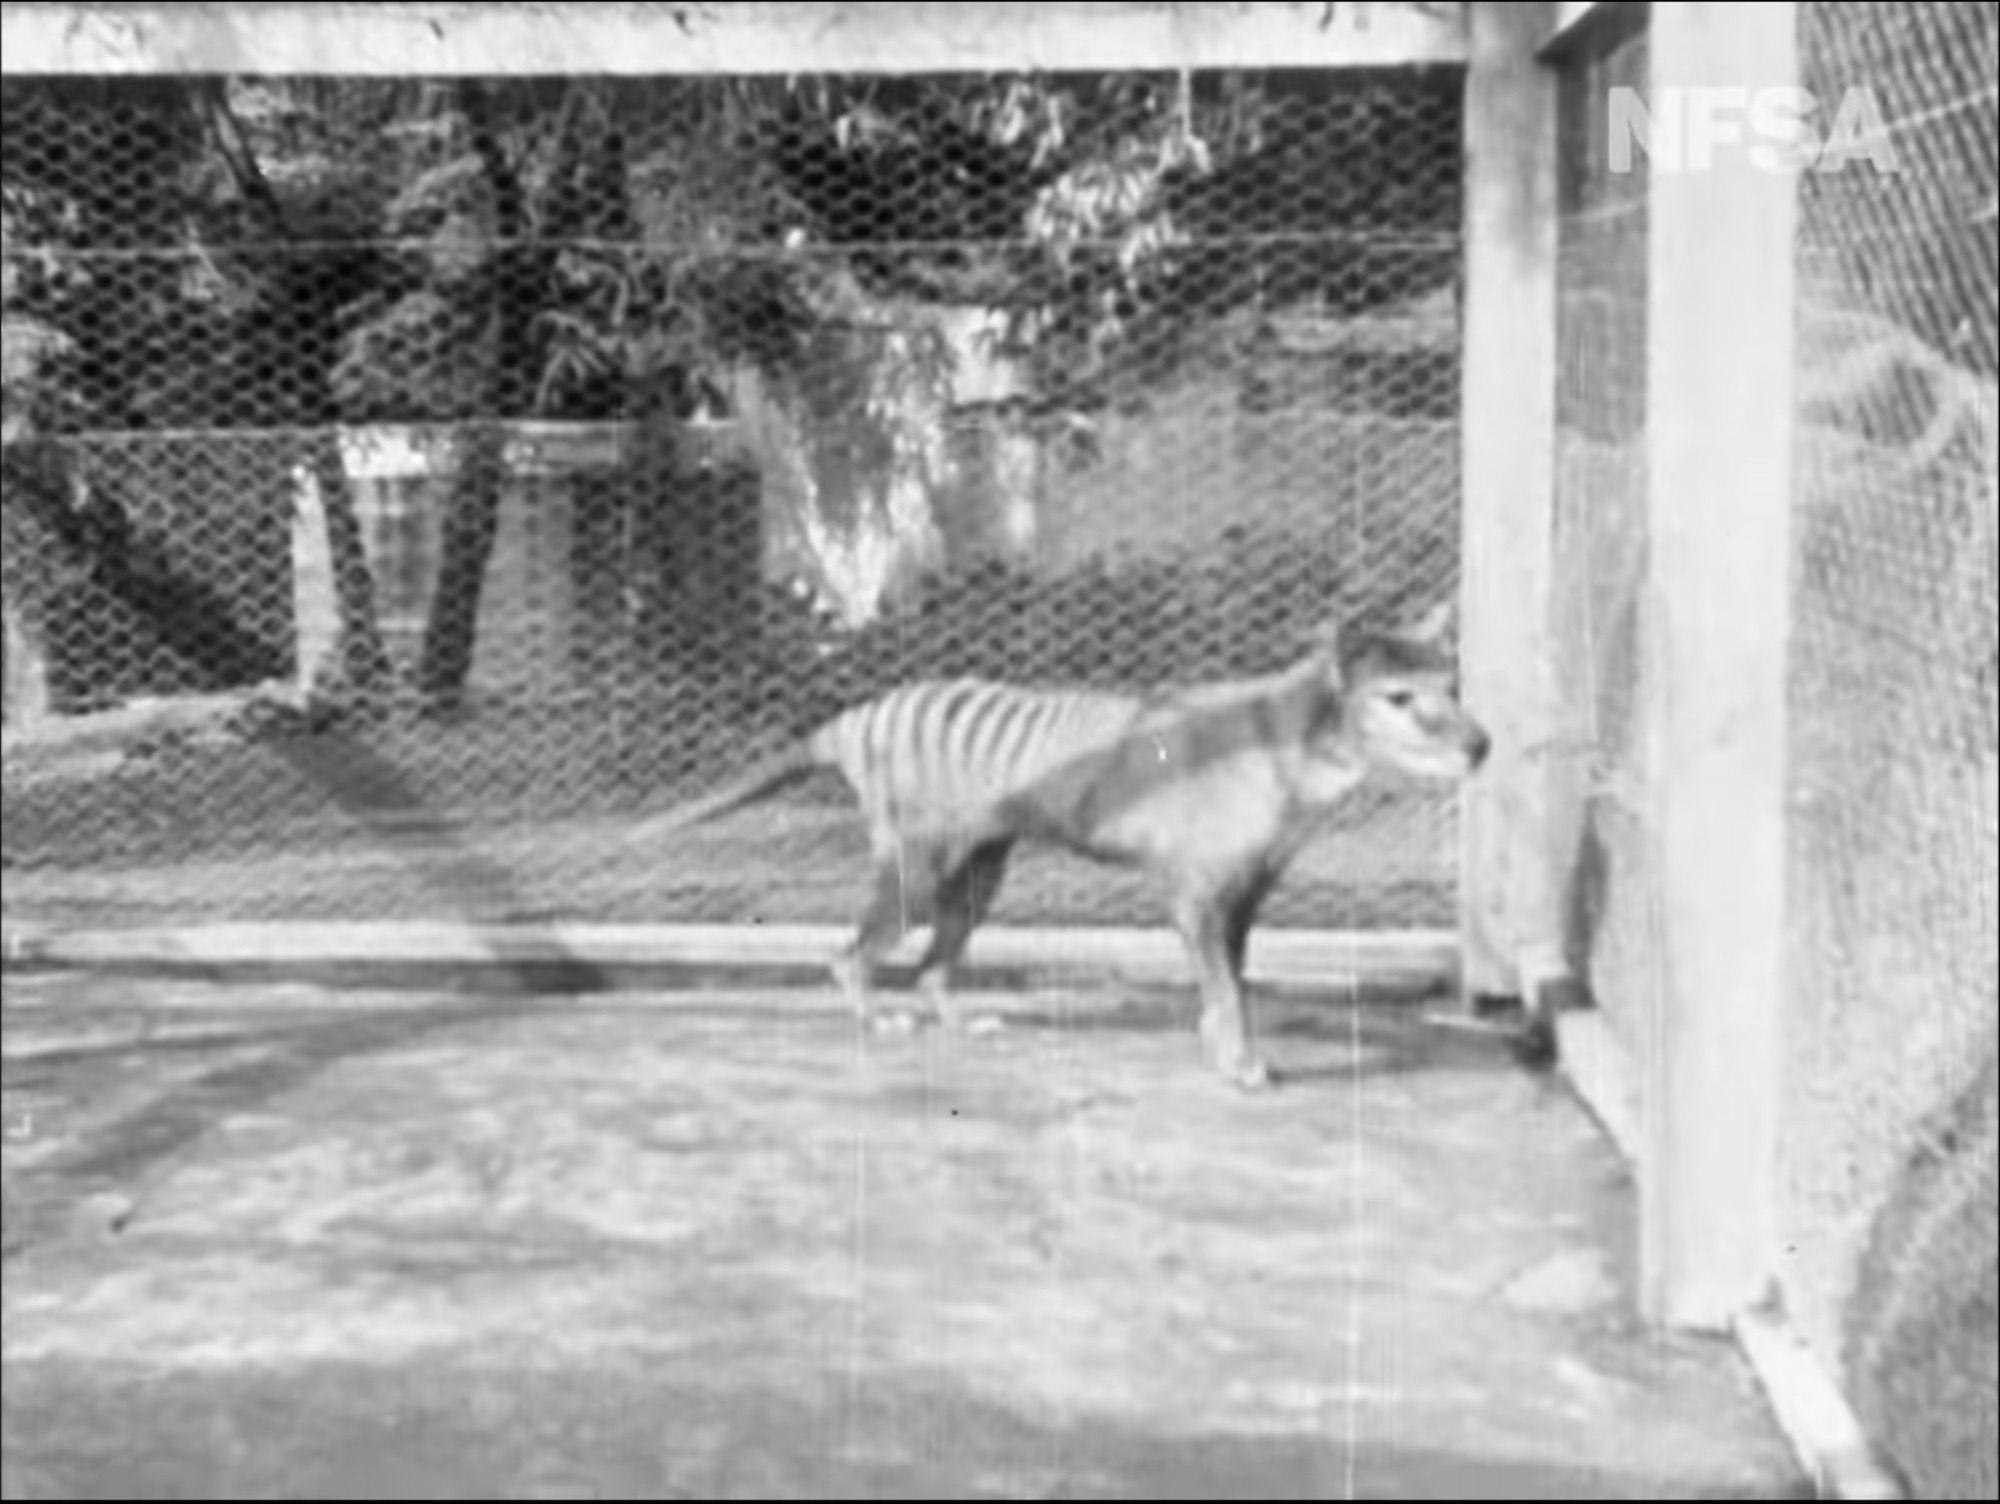 Lastknown video of 'Tasmanian tiger' rediscovered in 2020